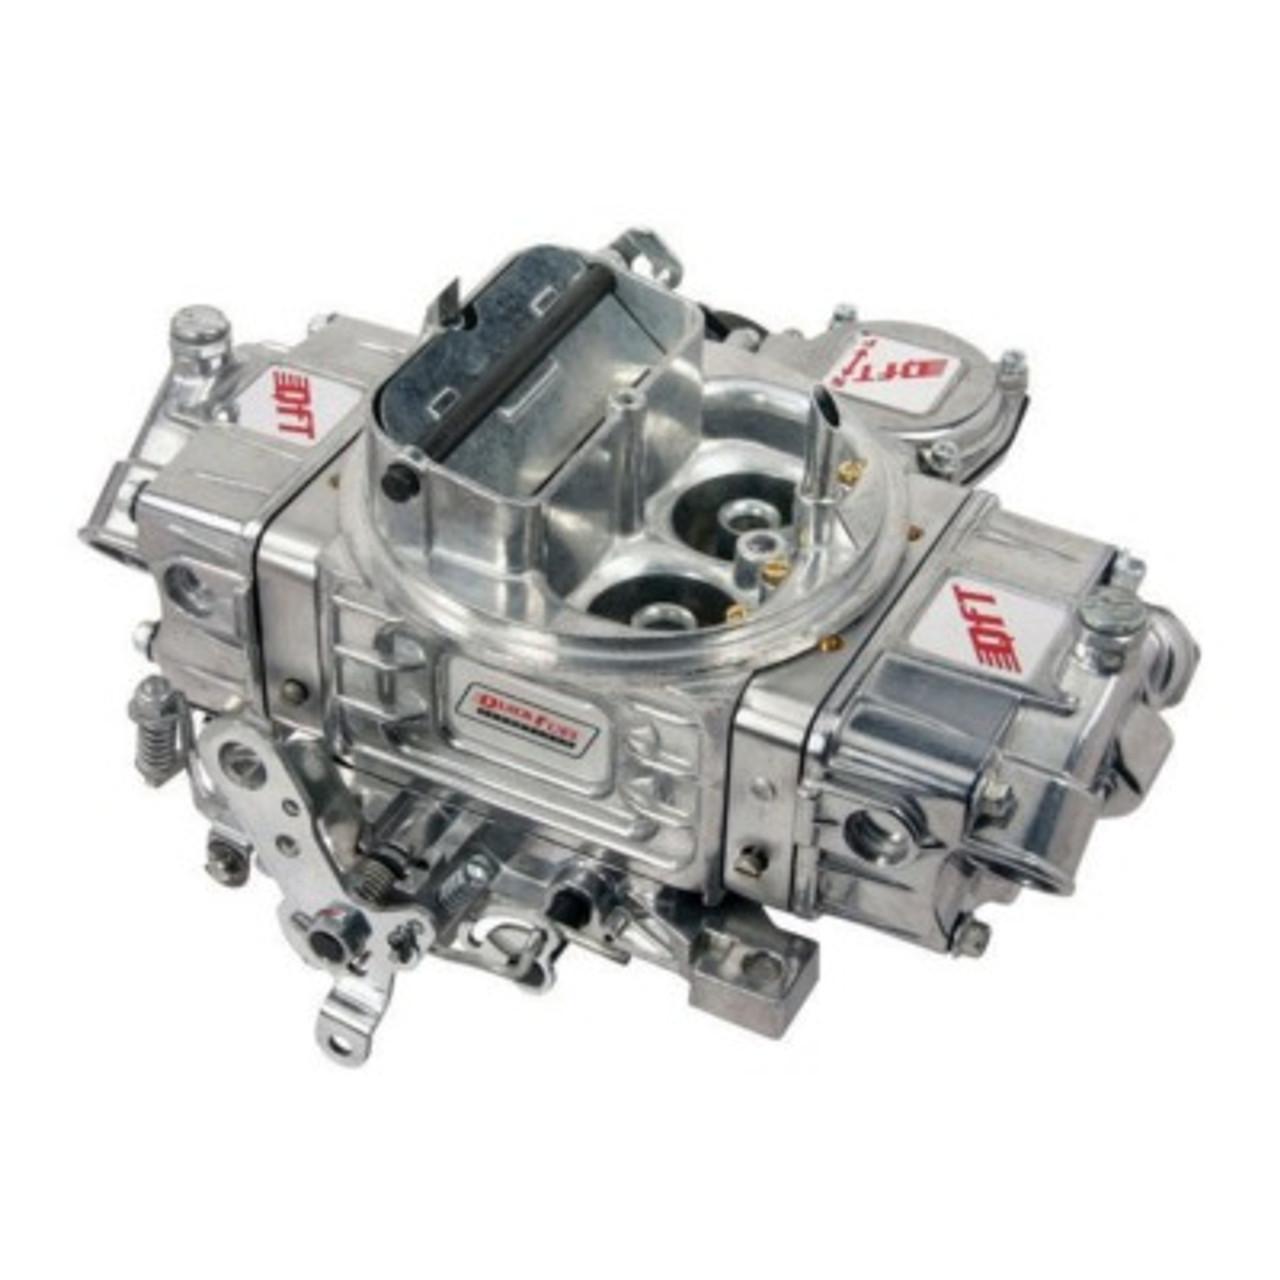 QFTHR-780-VS, QUICK FUEL,,Carburetor, HR-Series, 4-Barrel, 780 CF